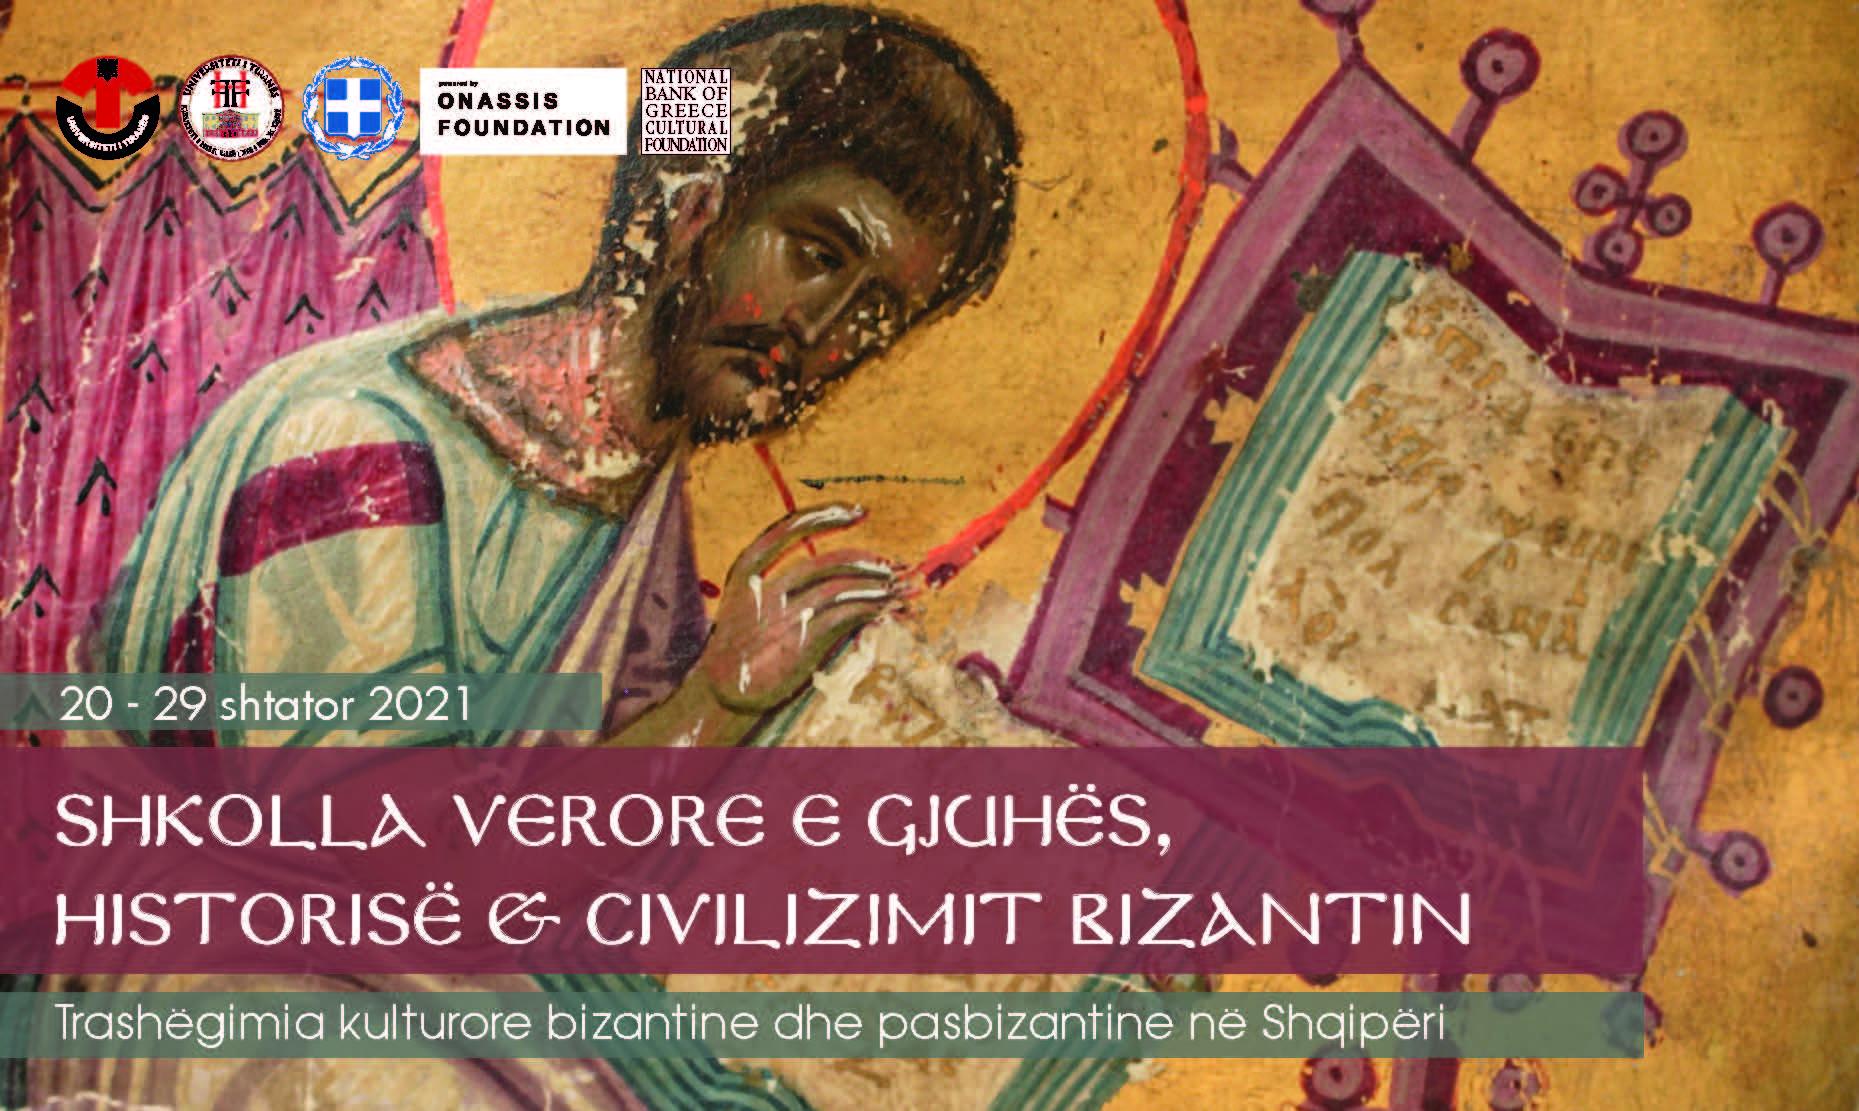 Shkolla verore e Gjuhës, Historisë dhe Civilizimit Bizantin: Trashëgimia Kulturore Bizantine dhe Pabizantine në Shqipëri